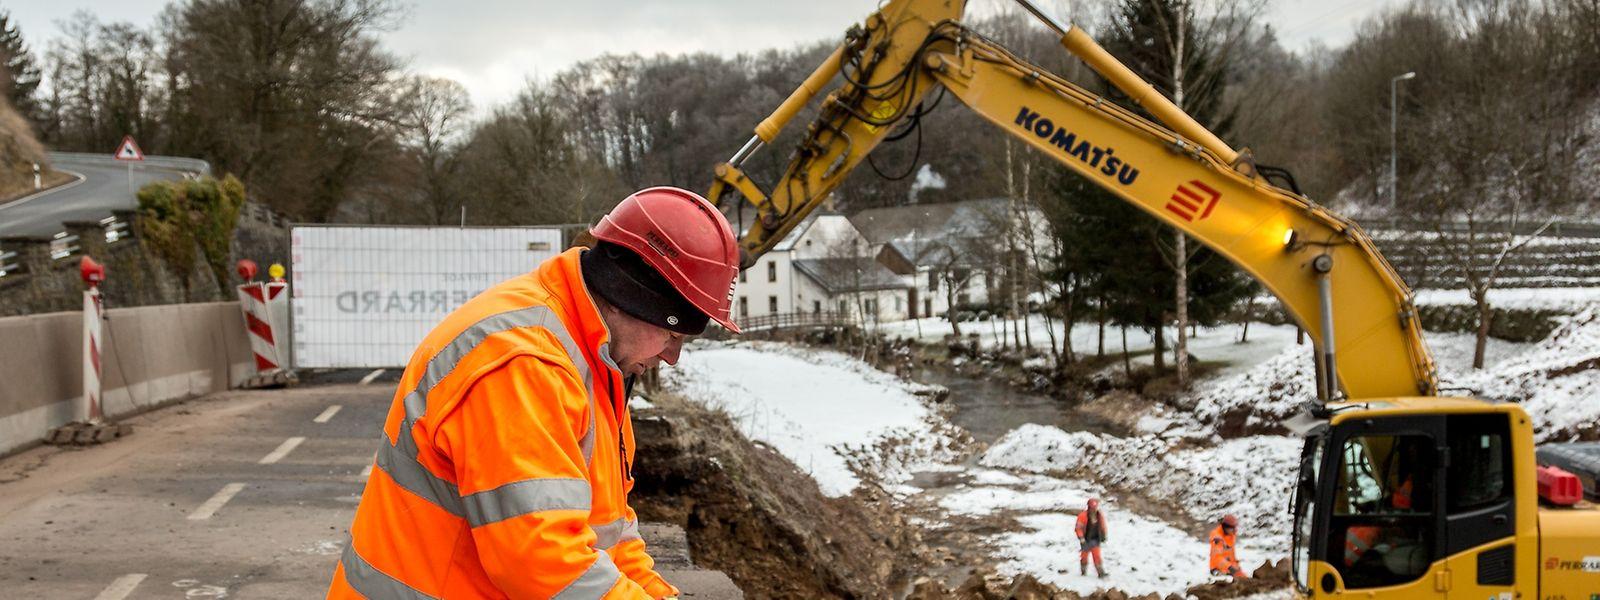 """Die Arbeiten an der Brücke bei der """"Hessemillen"""" haben erst Ende 2016 begonnen. Davor musste noch ein provisorischer Bypass für den Fluss gegraben werden."""